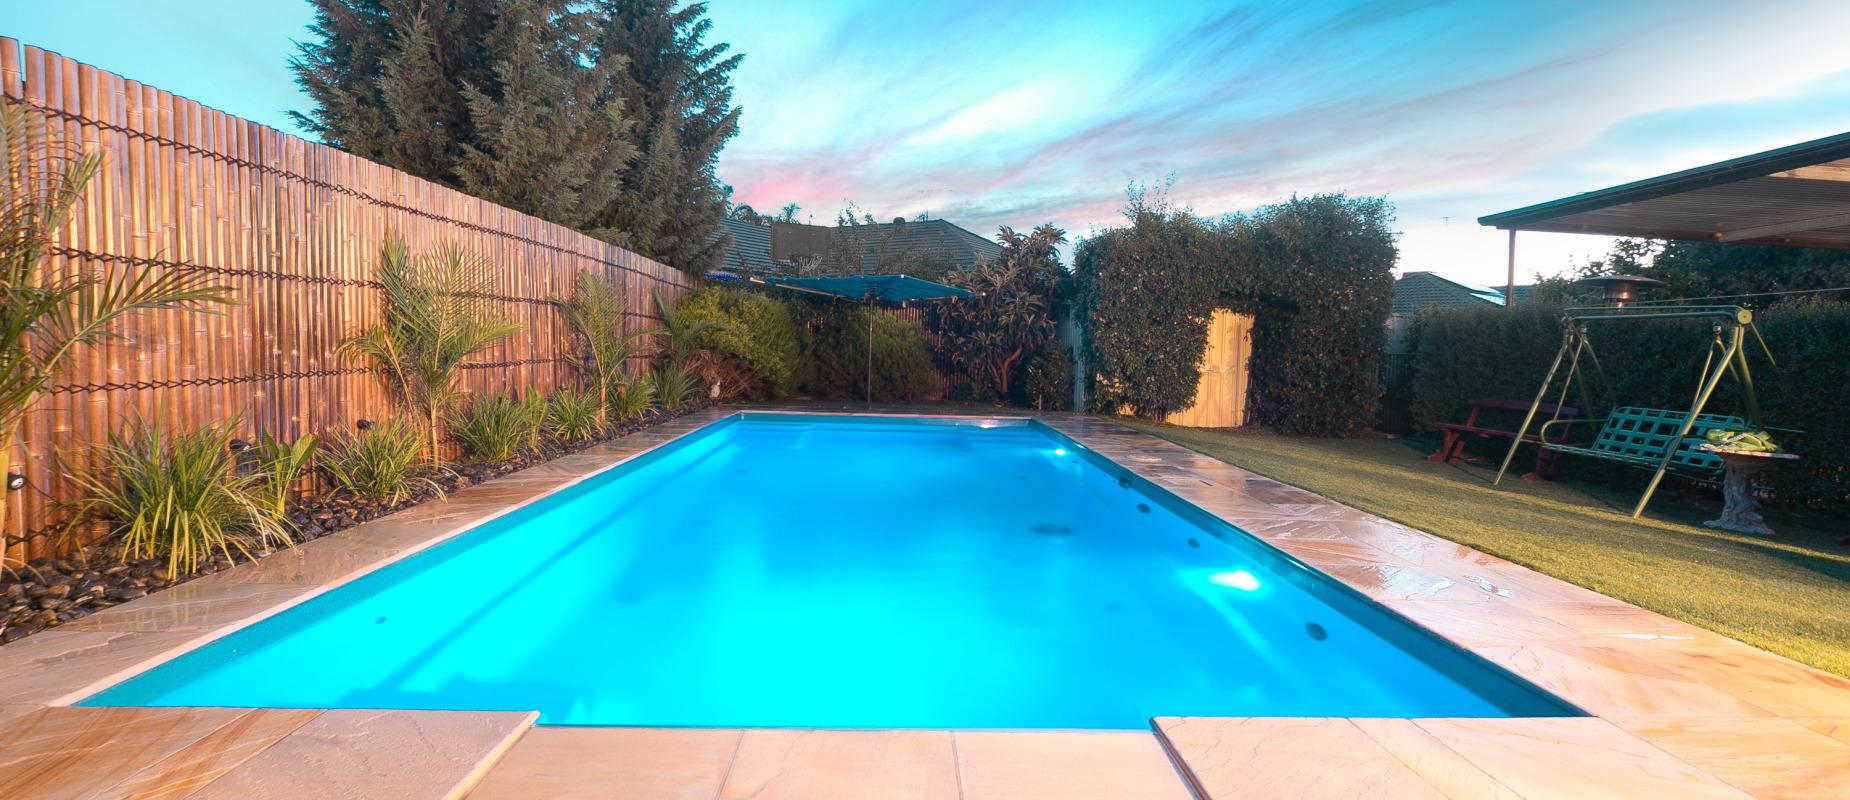 Contemporary Pool Design - Shallow Ends, Deep Centre ...